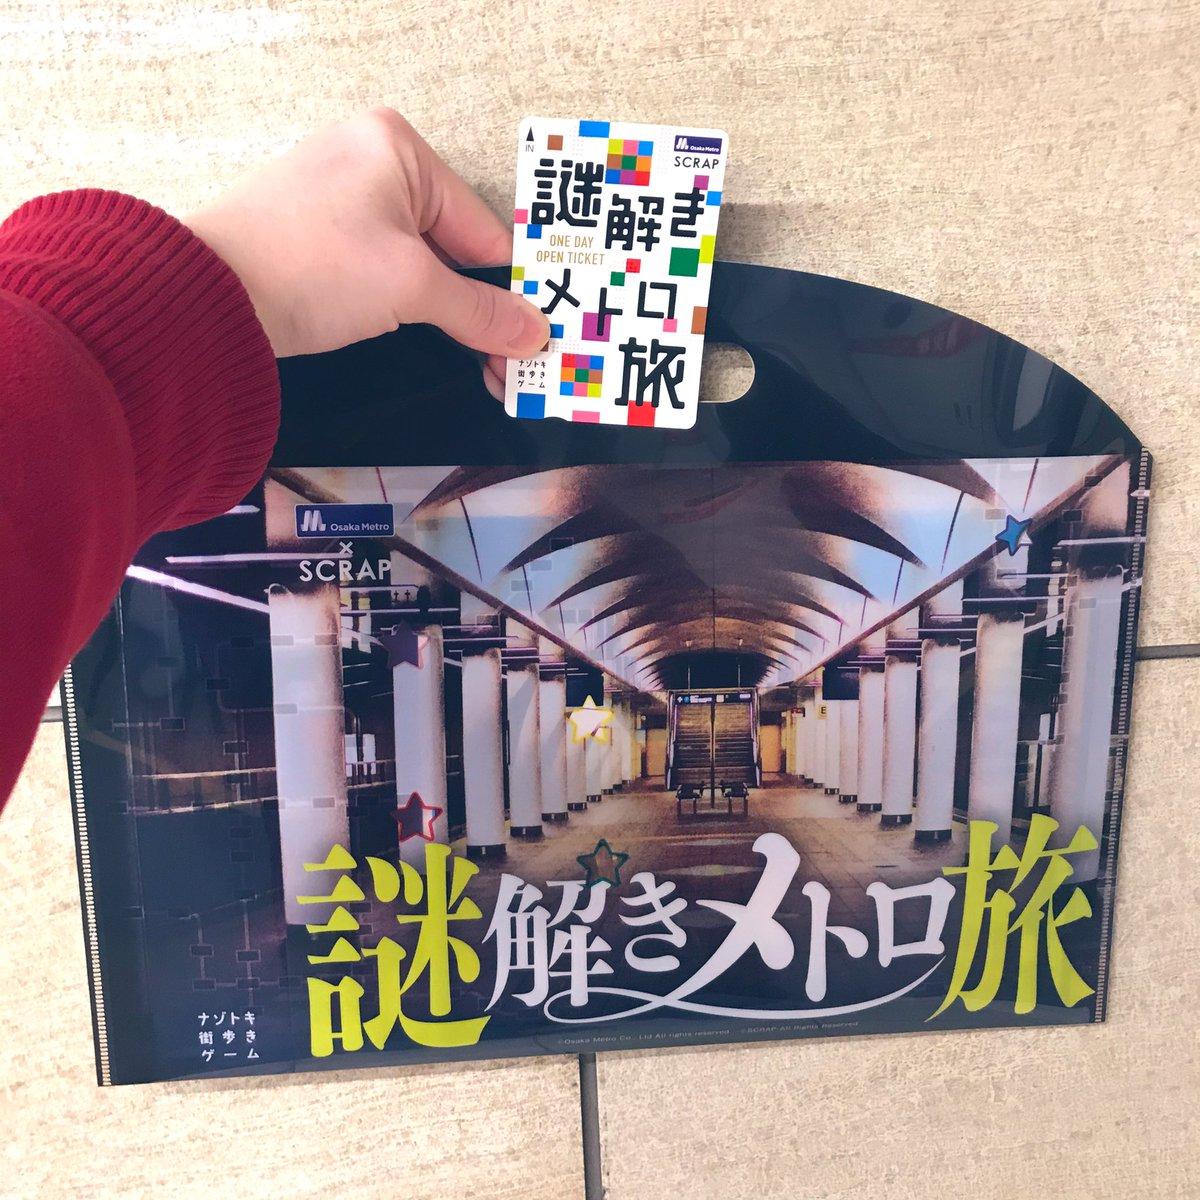 謎 解き メトロ 旅 大阪